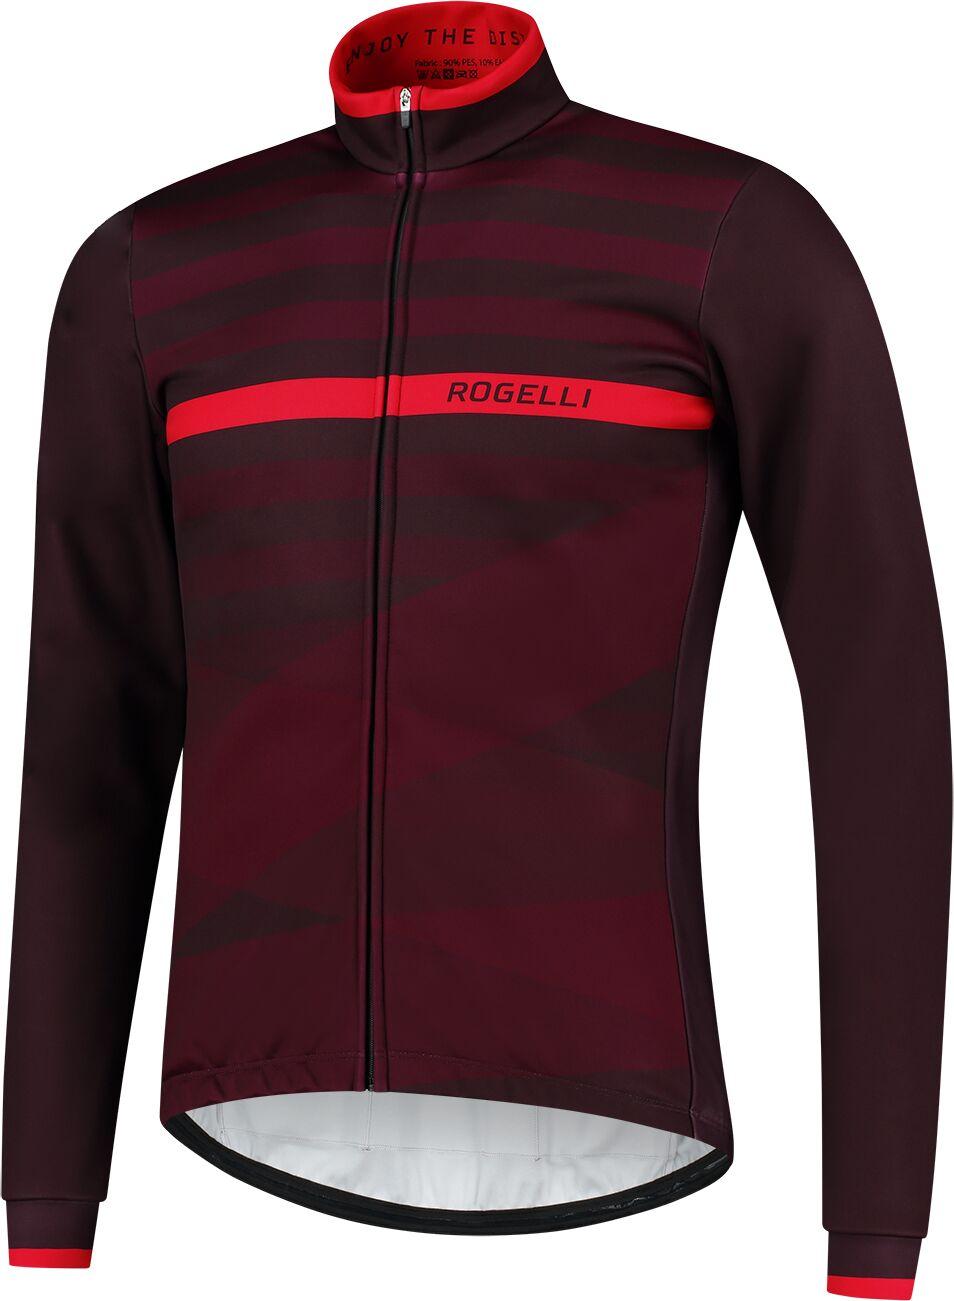 ROGELLI kurtka rowerowa zimowa STRIPE claret ROG351042 Rozmiar: L,SROG351042.S